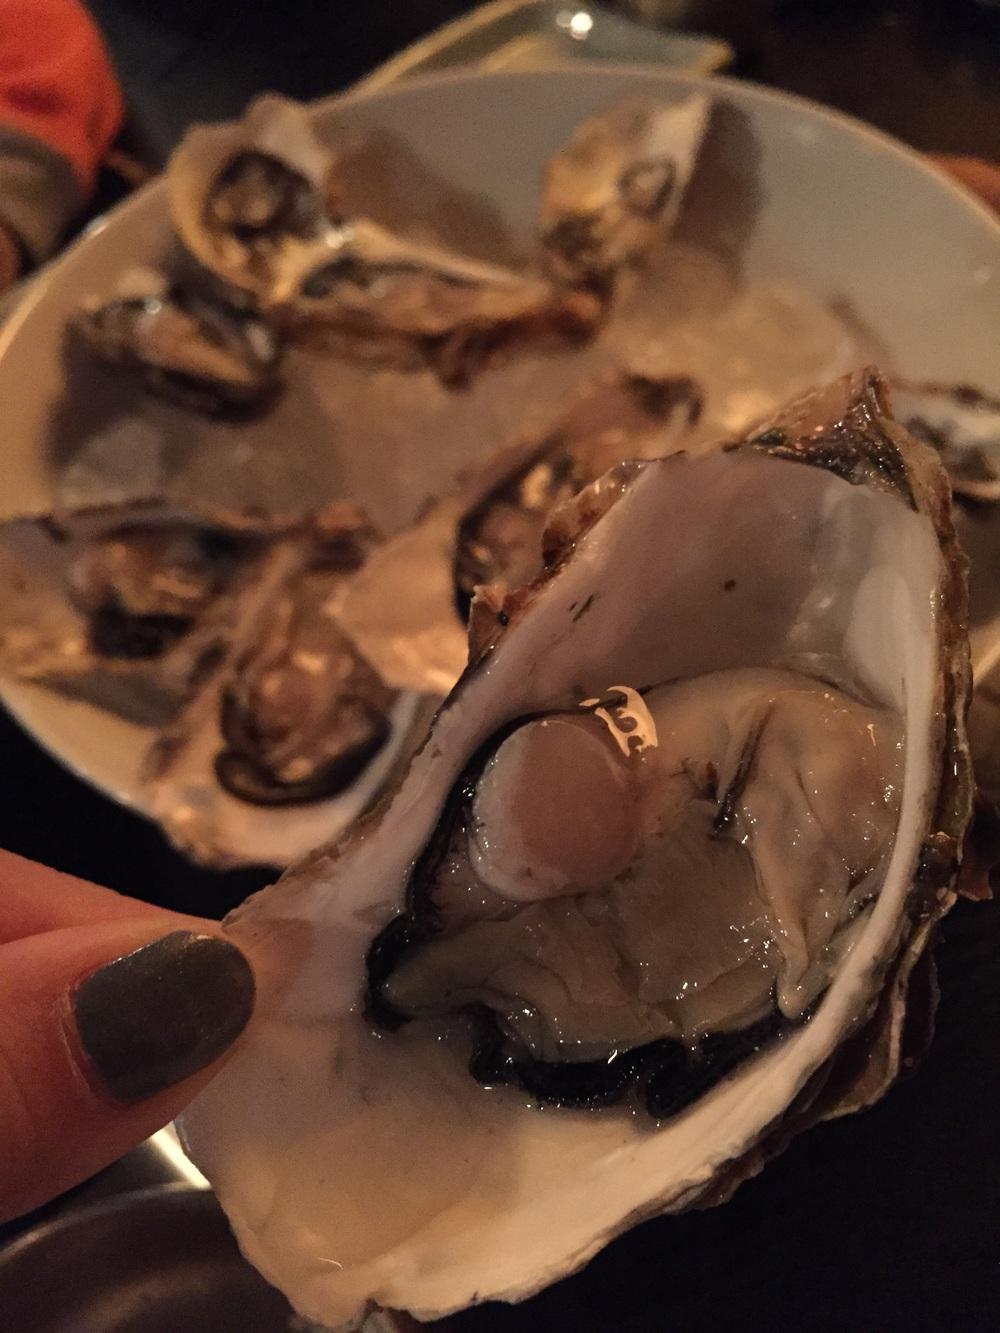 생굴 (Seng Gool) - Raw Oysters.   These were fresh and good quality, medium sized but not as meaty as I like it. I also love my oysters with the western style red wine shallot vinaigrette, lemon juice and tabasco sauce. Here in Korea, you dip the oysters in a Korean red chilli vinegar sauce (초장), which is still good, but not quite the same for me when I think of eating oysters. But still, these were good and I would order them again.